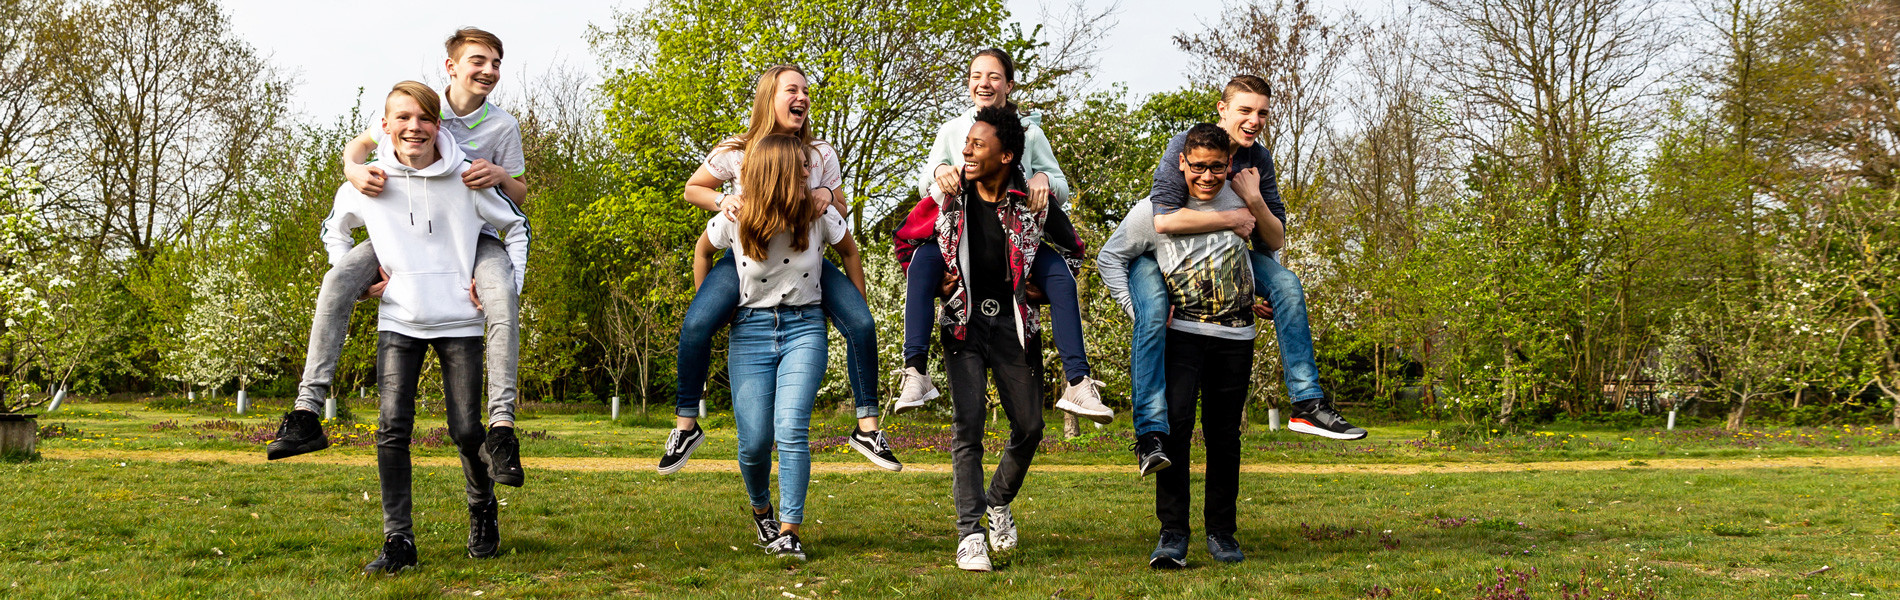 Aeres VMBO Ede leerlingen samen in leefpark